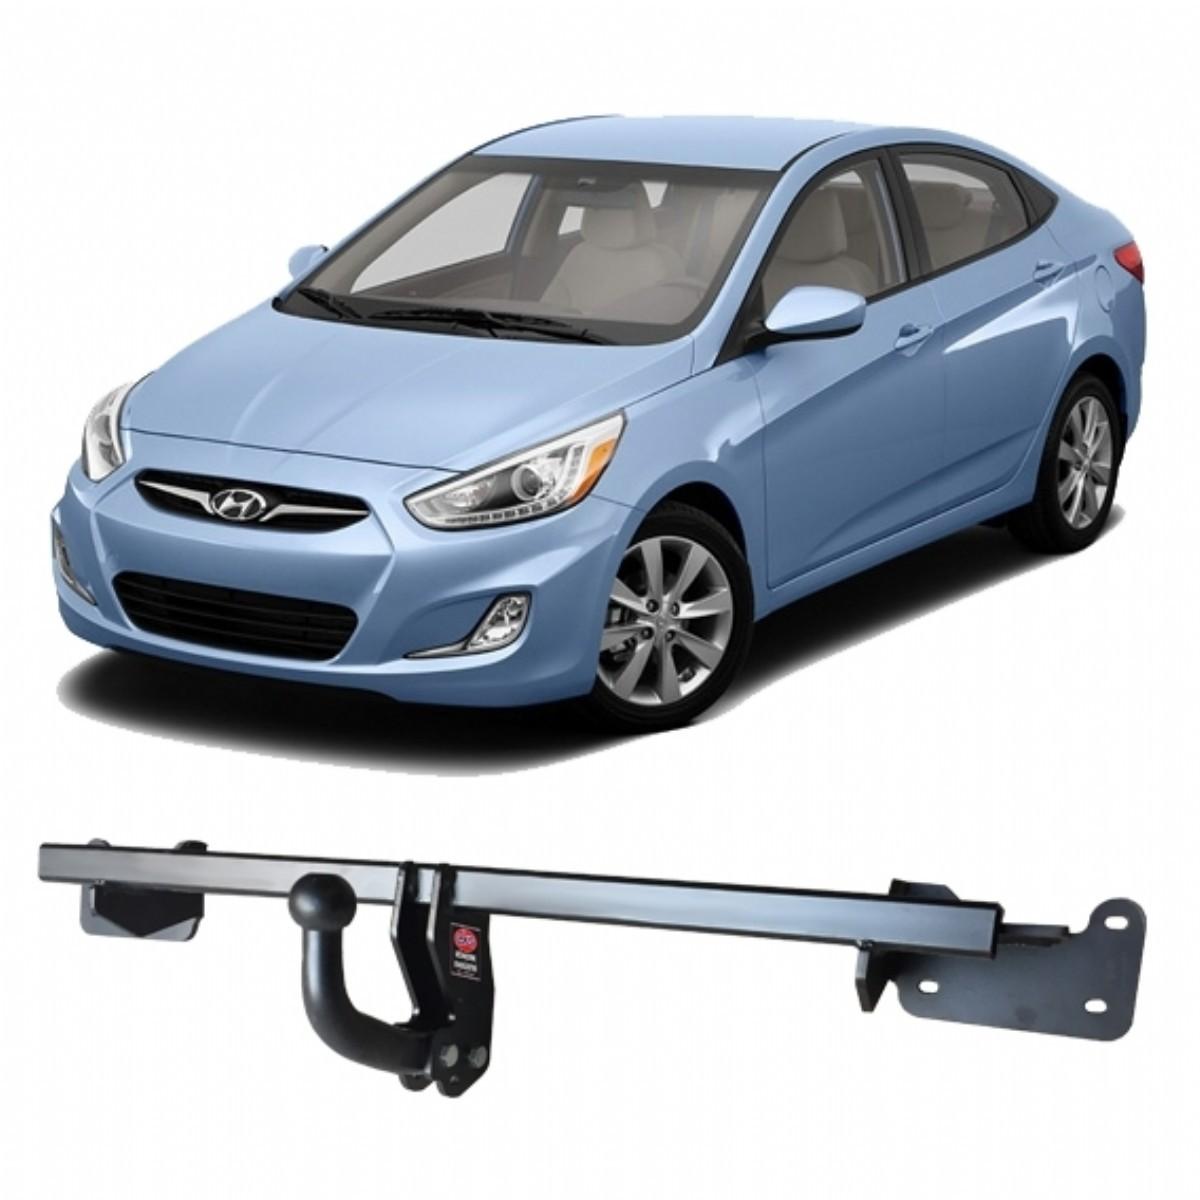 Hyundai Accent Blue çeki Demiri 2012 Yılı Ve Sonrası Modeller